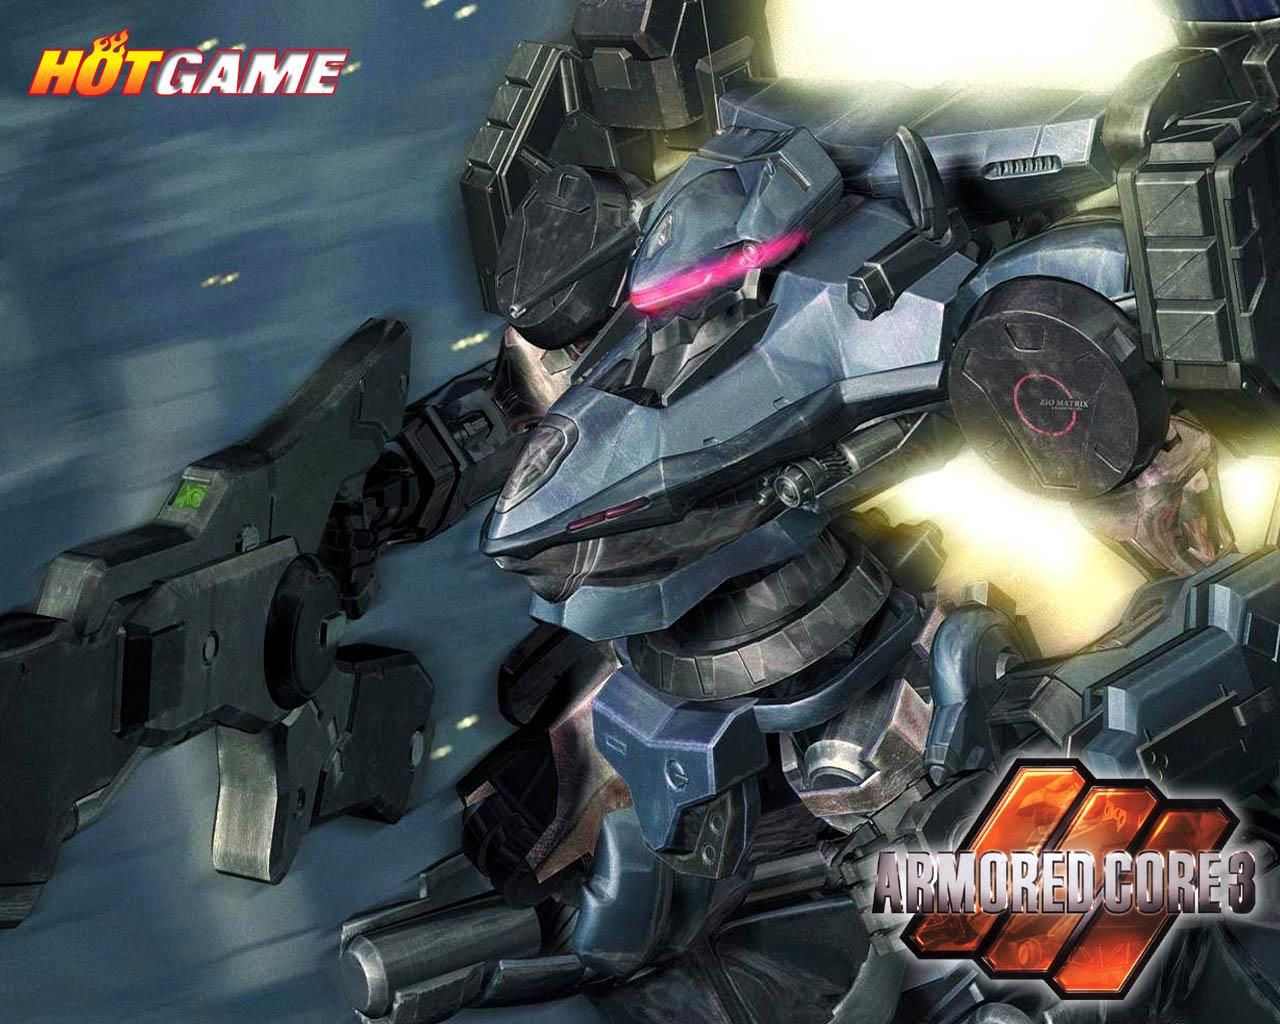 http://2.bp.blogspot.com/-ZCxvFeR02og/TdYidD6jM2I/AAAAAAAAAFw/G9e31NgohPE/s1600/Armored+Core+3.jpg